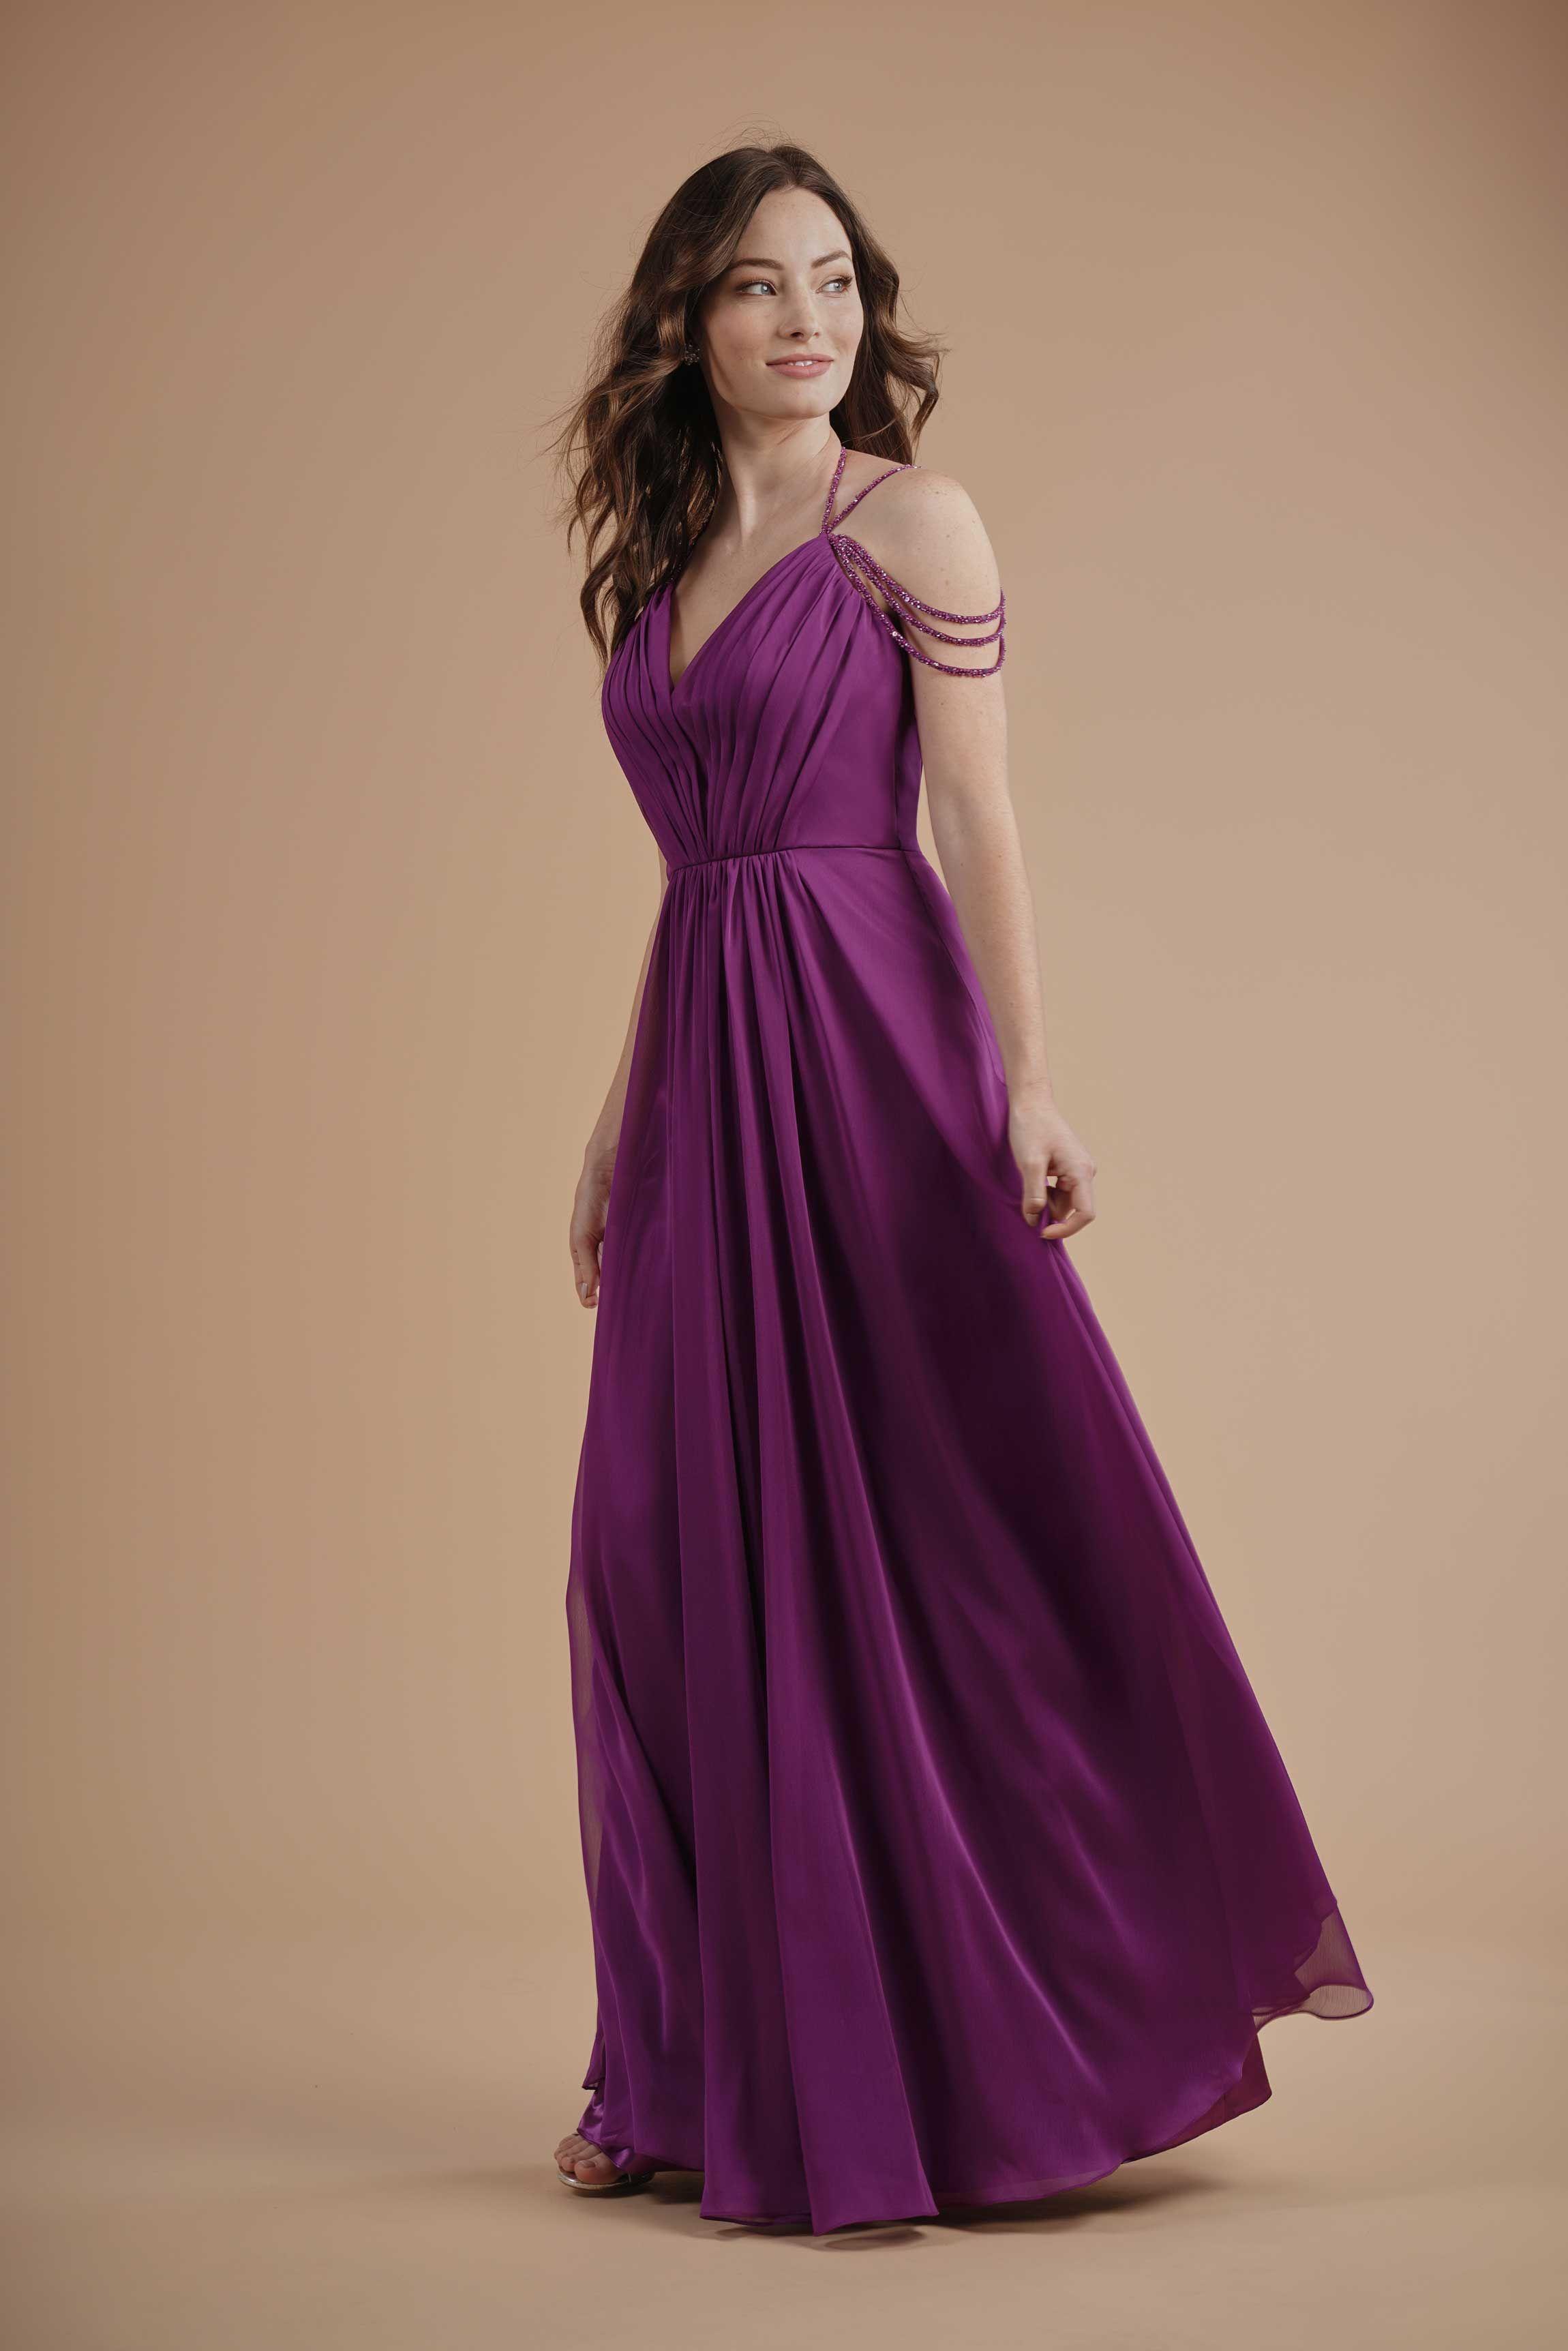 Abendmode Jasmine  Abendkleid L15  Event kleider